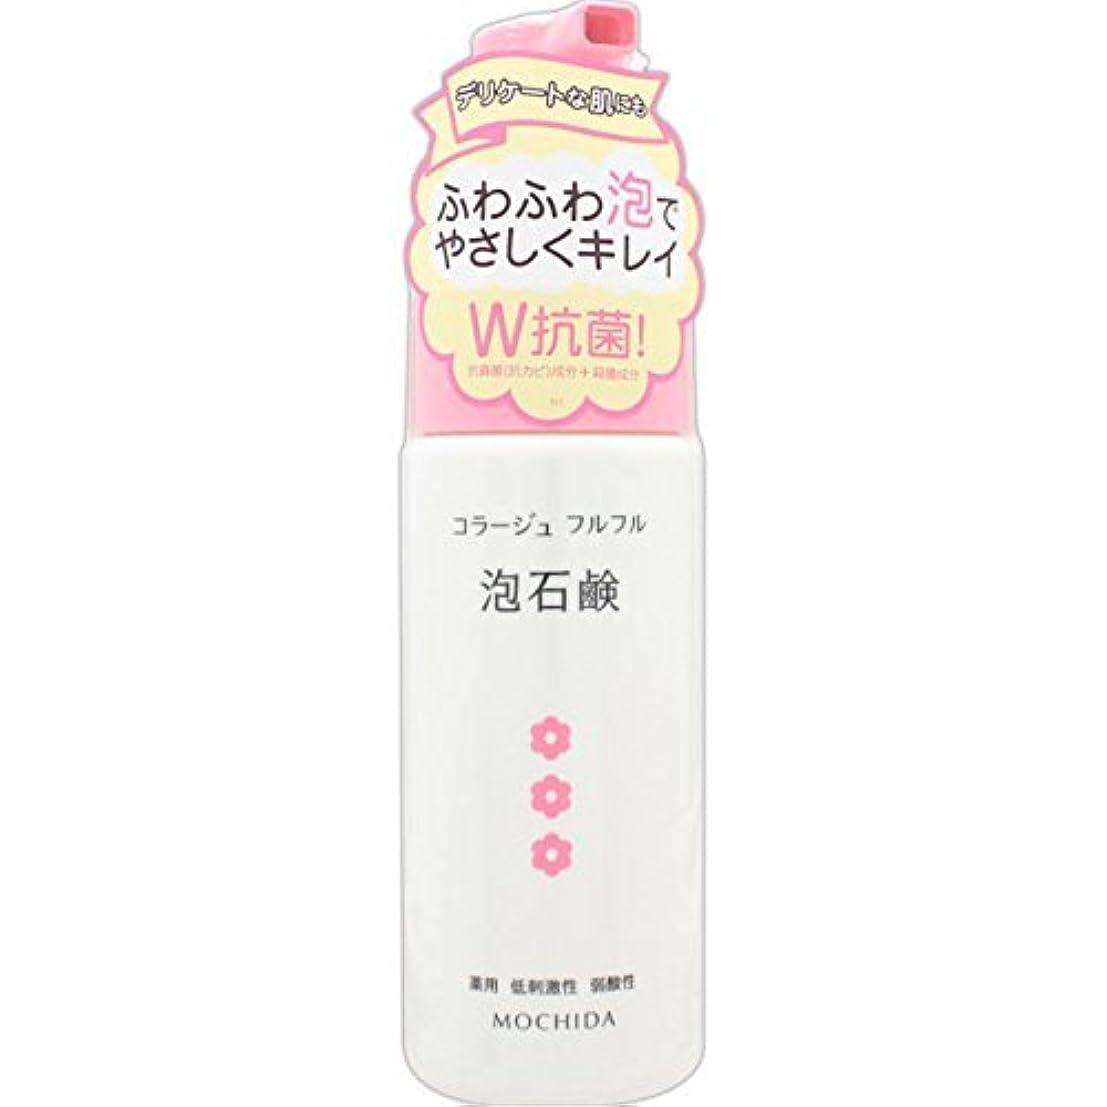 りダース驚くばかりコラージュフルフル 泡石鹸 ピンク 150mL (医薬部外品) ×6